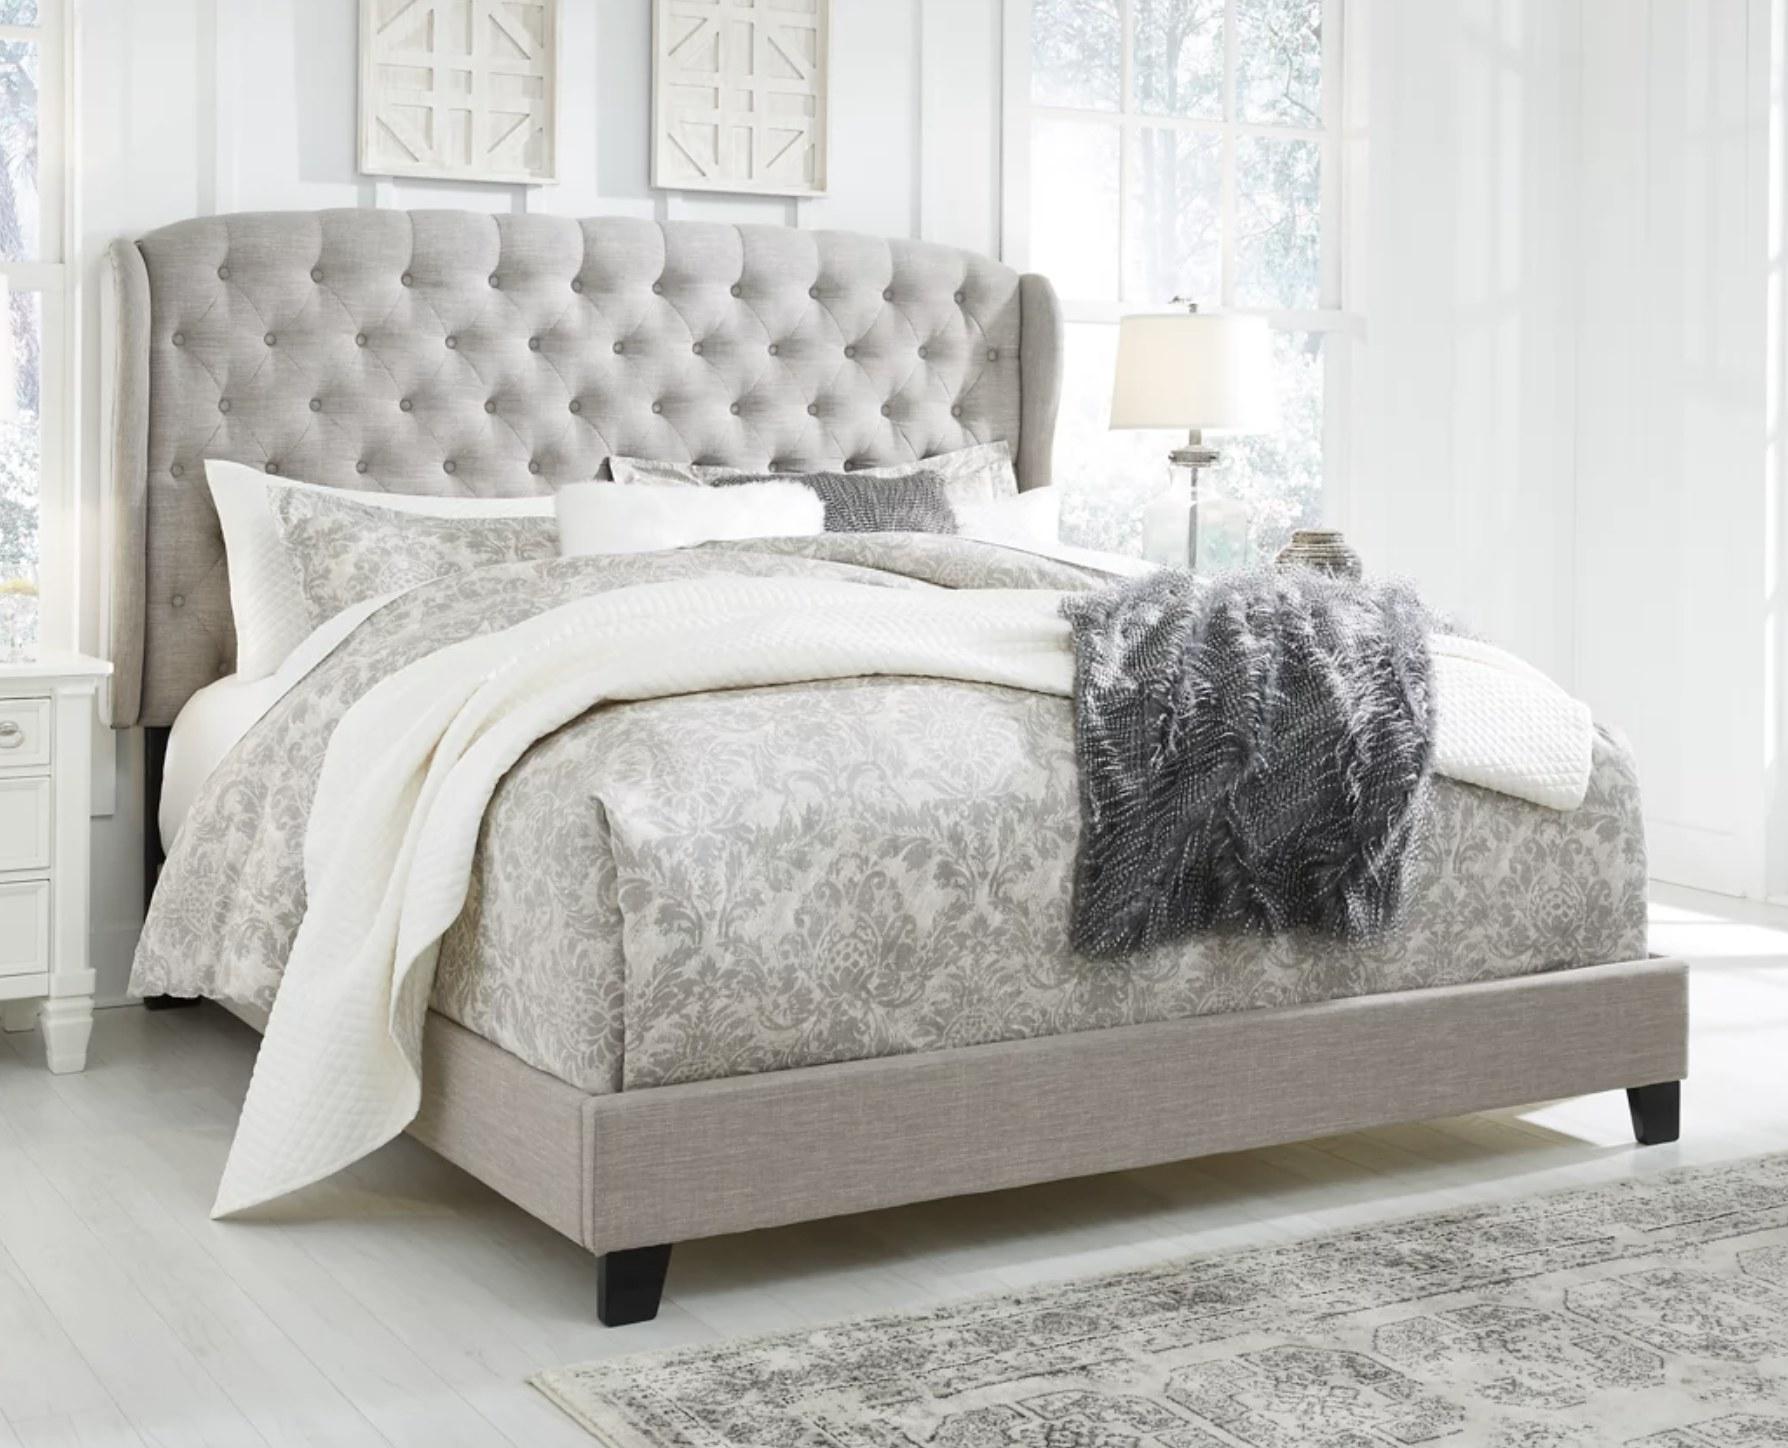 An upholstered bedframe